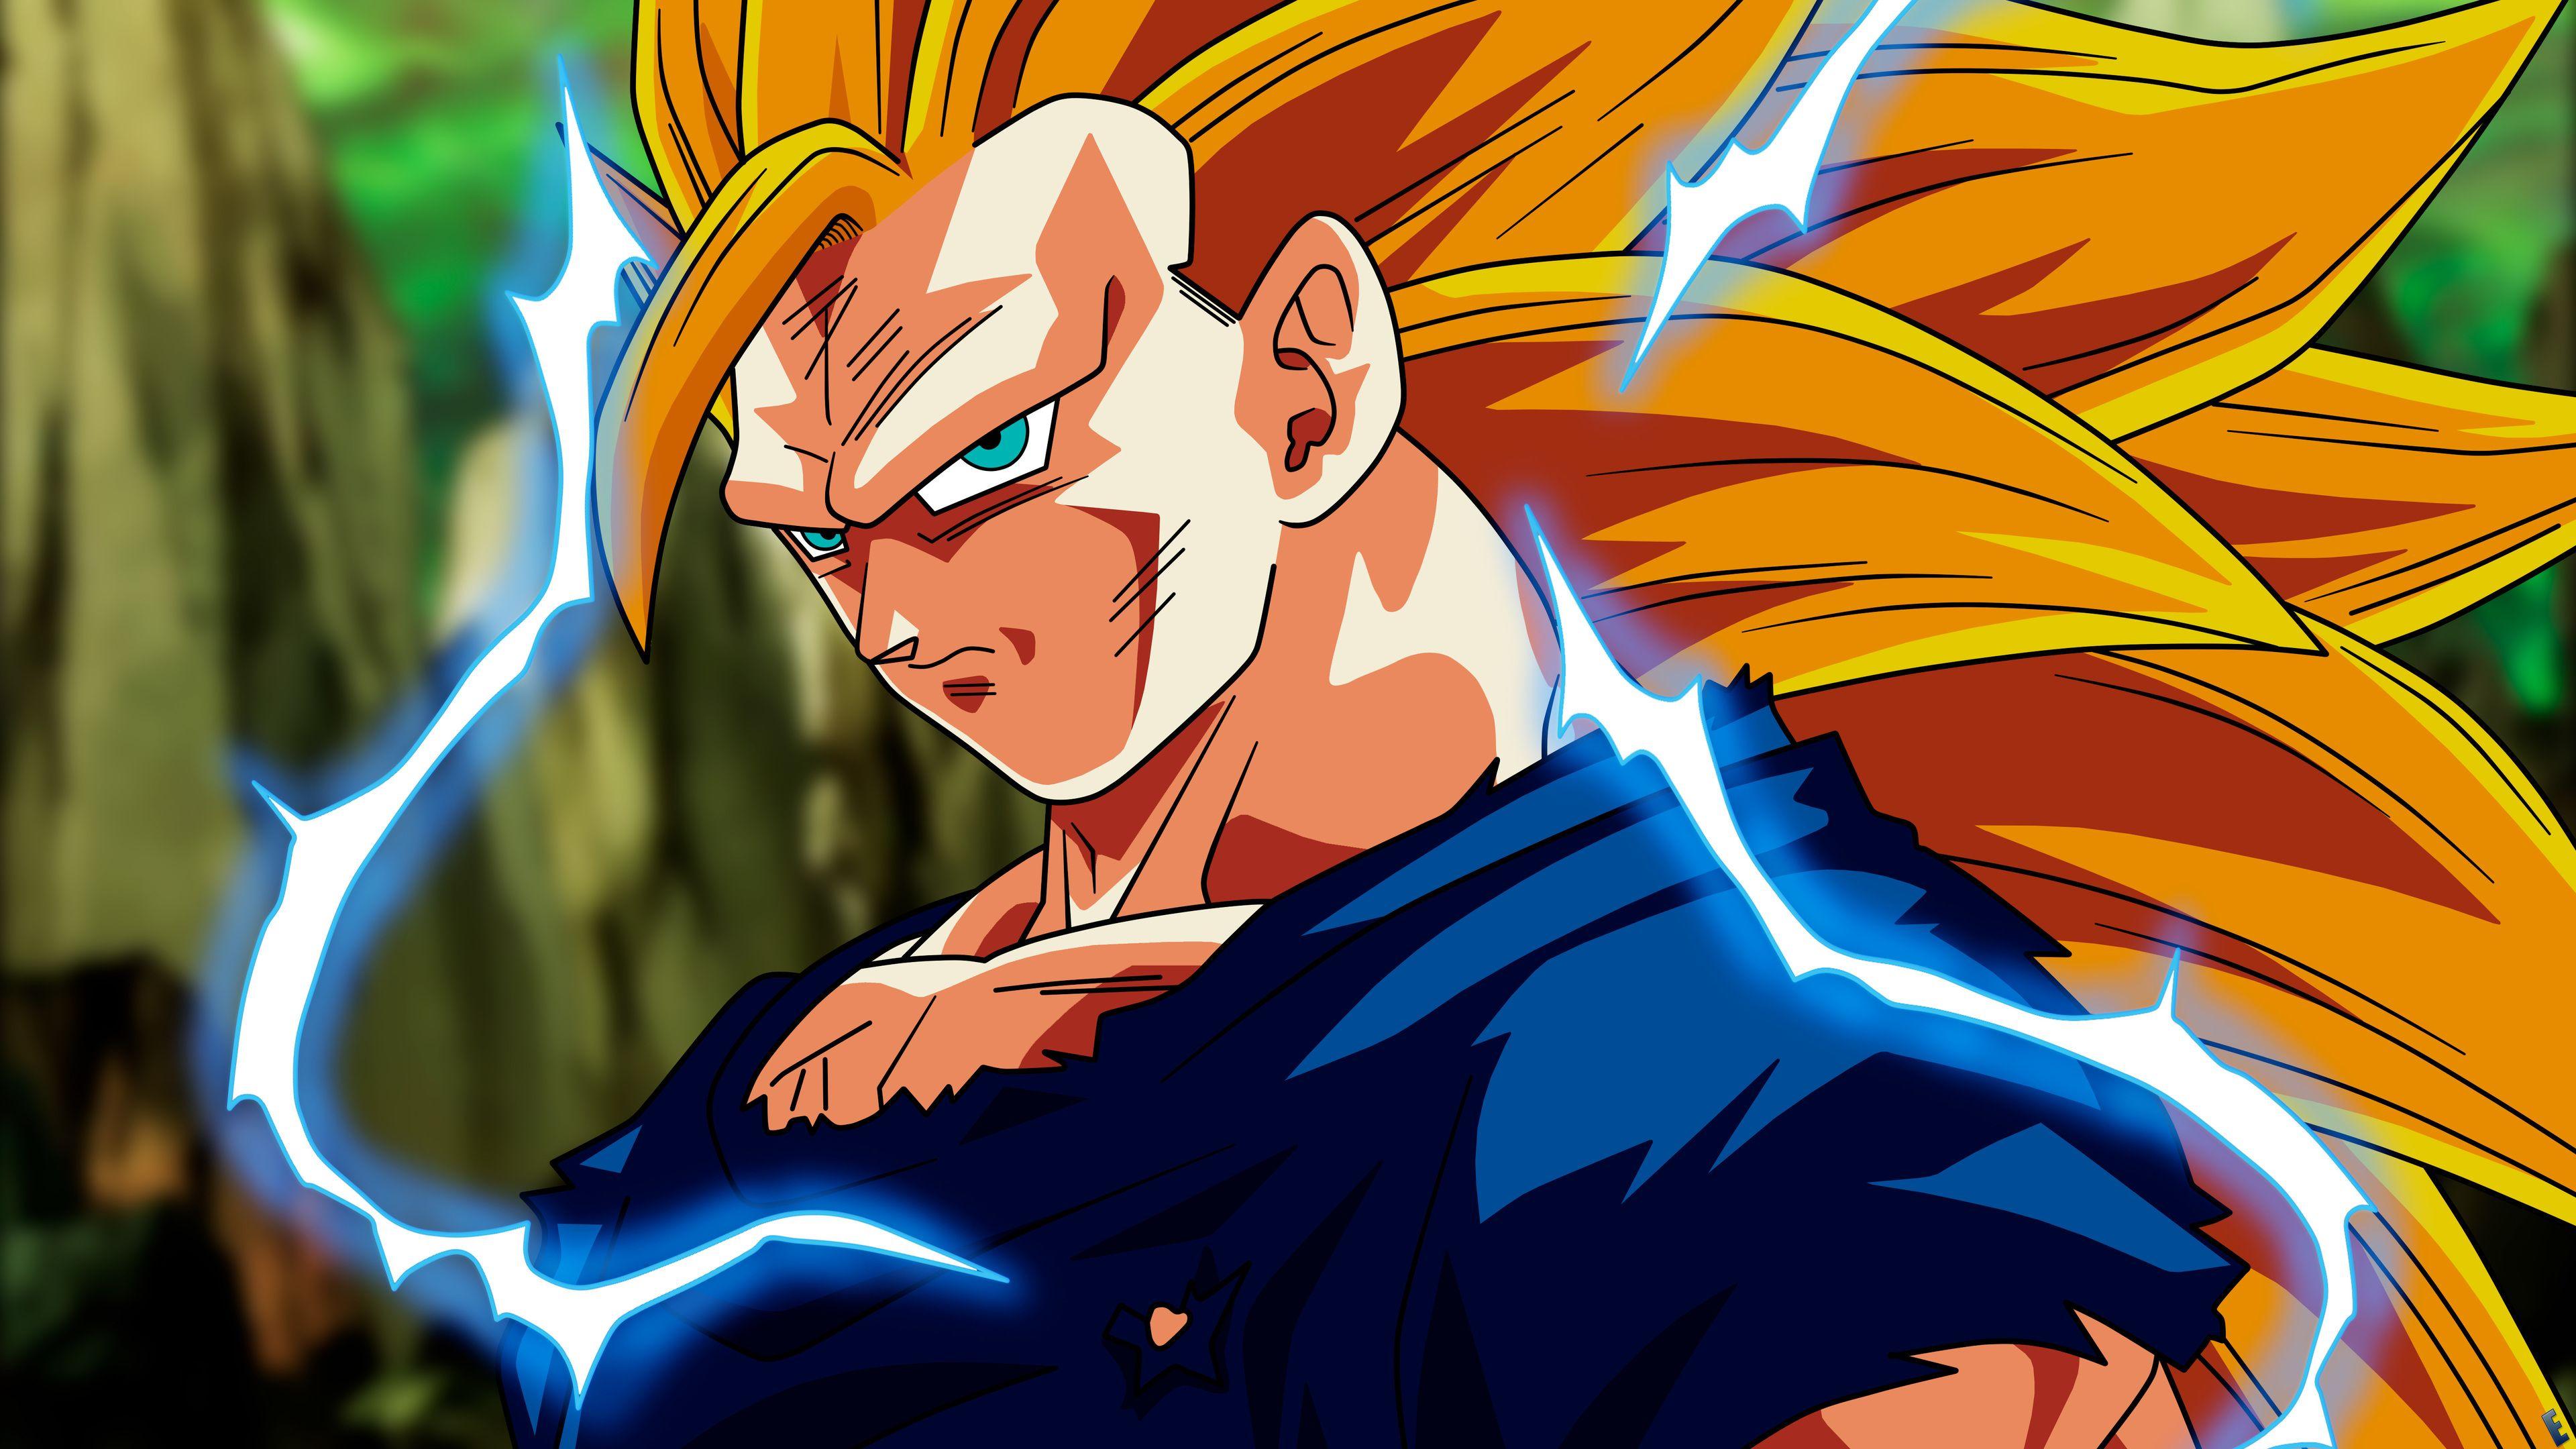 Goku Anime Dragon Ball Super 4k Hd Wallpapers Goku Wallpapers Dragon Ball Wallpapers Dragon Ball Super Anime Dragon Ball Super Anime Dragon Ball Dragon Ball